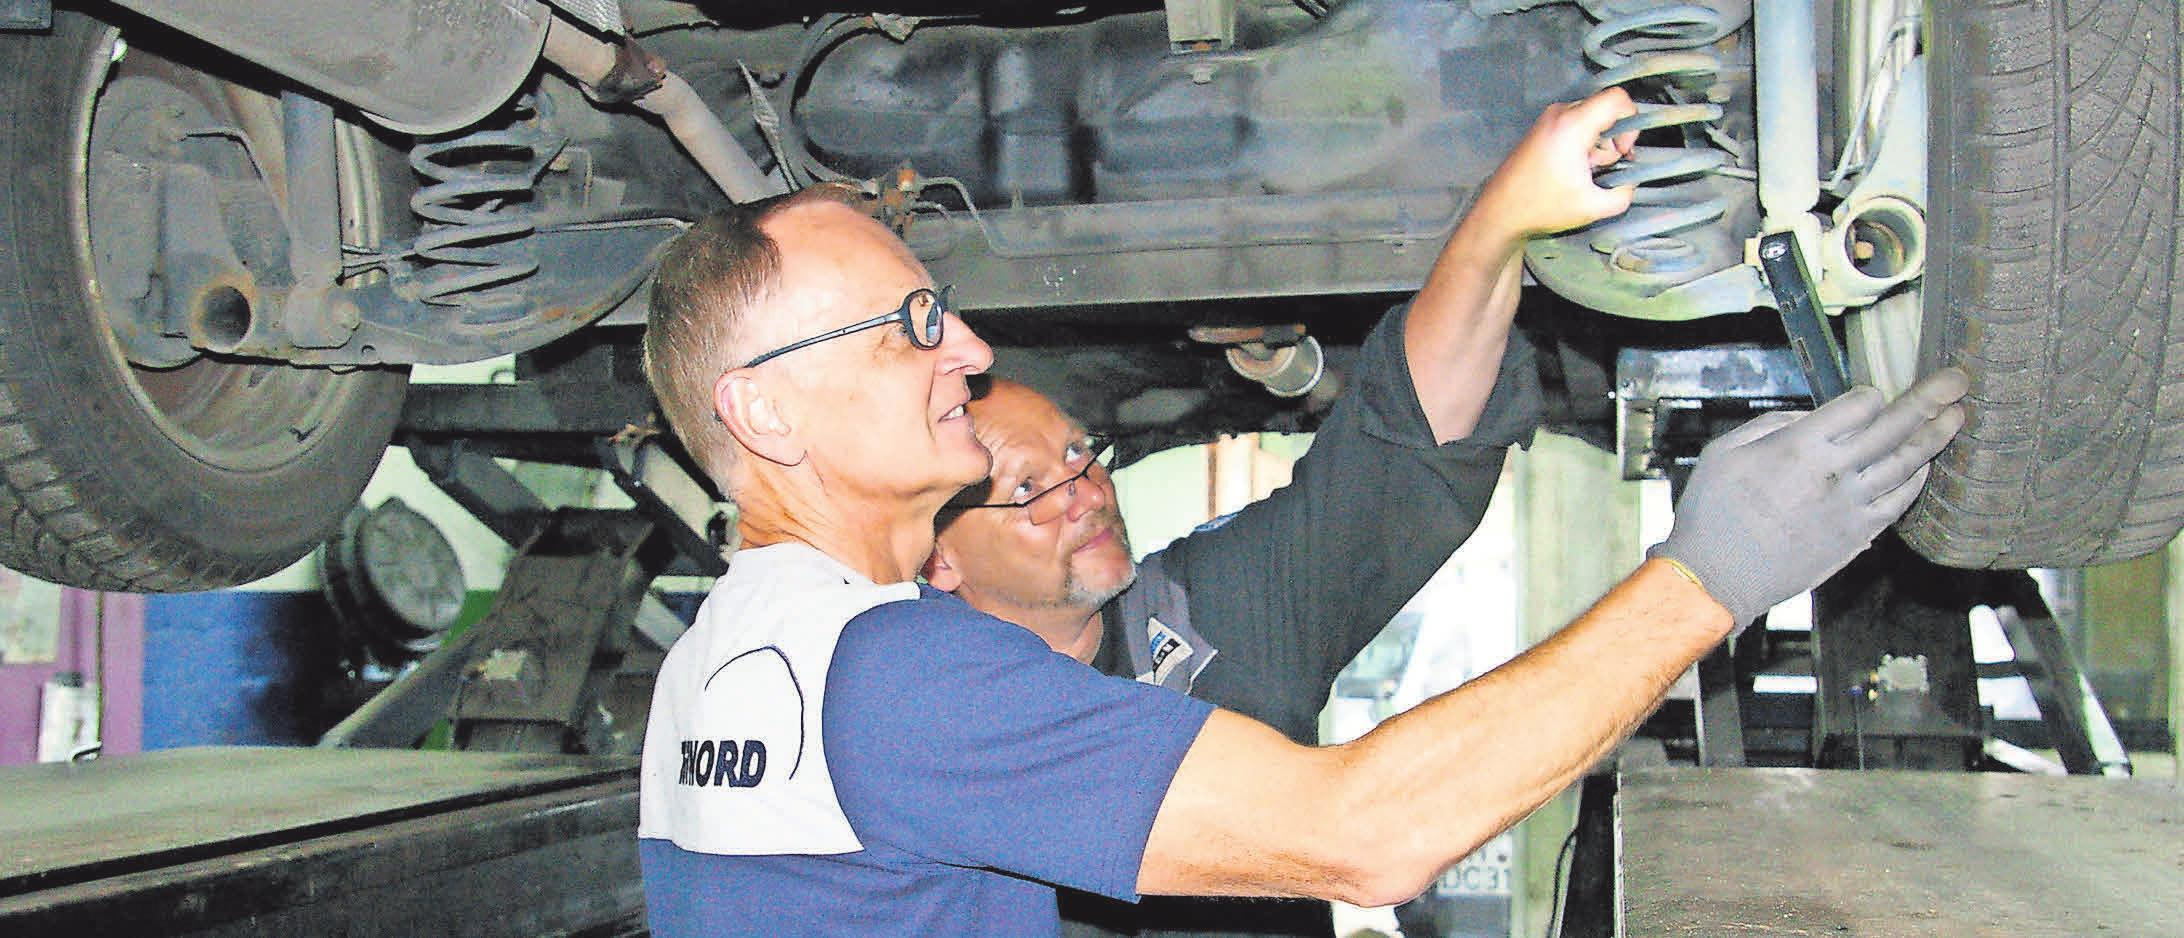 Uwe Ehrhardt vom TÜV Nord (links) und Firmenchef Torsten Bode untersuchen ein Fahrzeug.